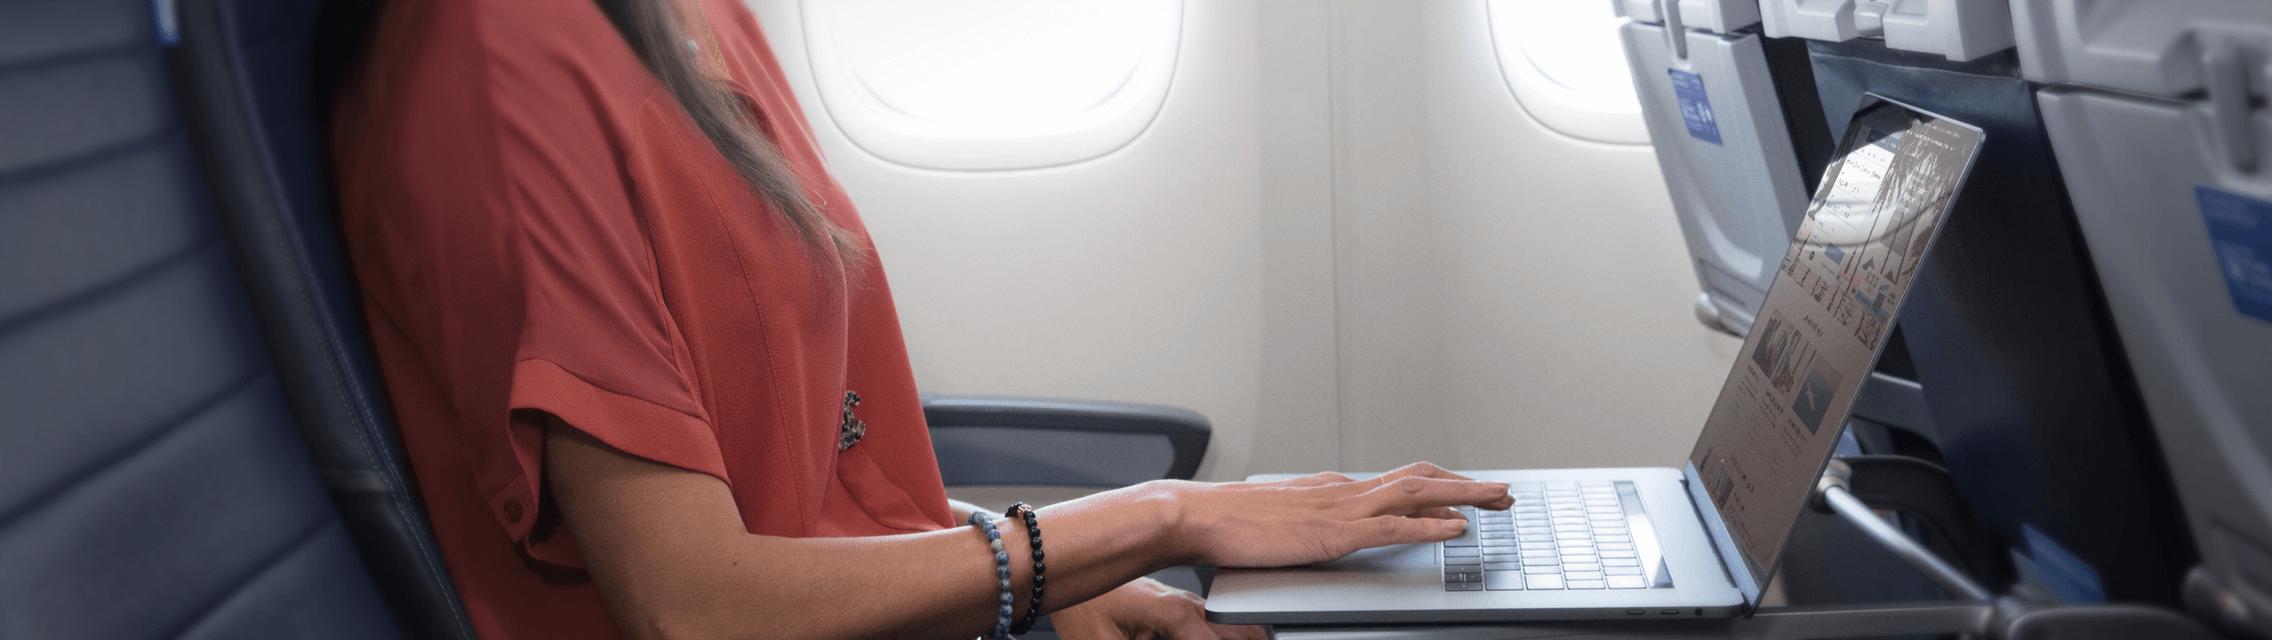 Mujer utilizando su computadora portátil